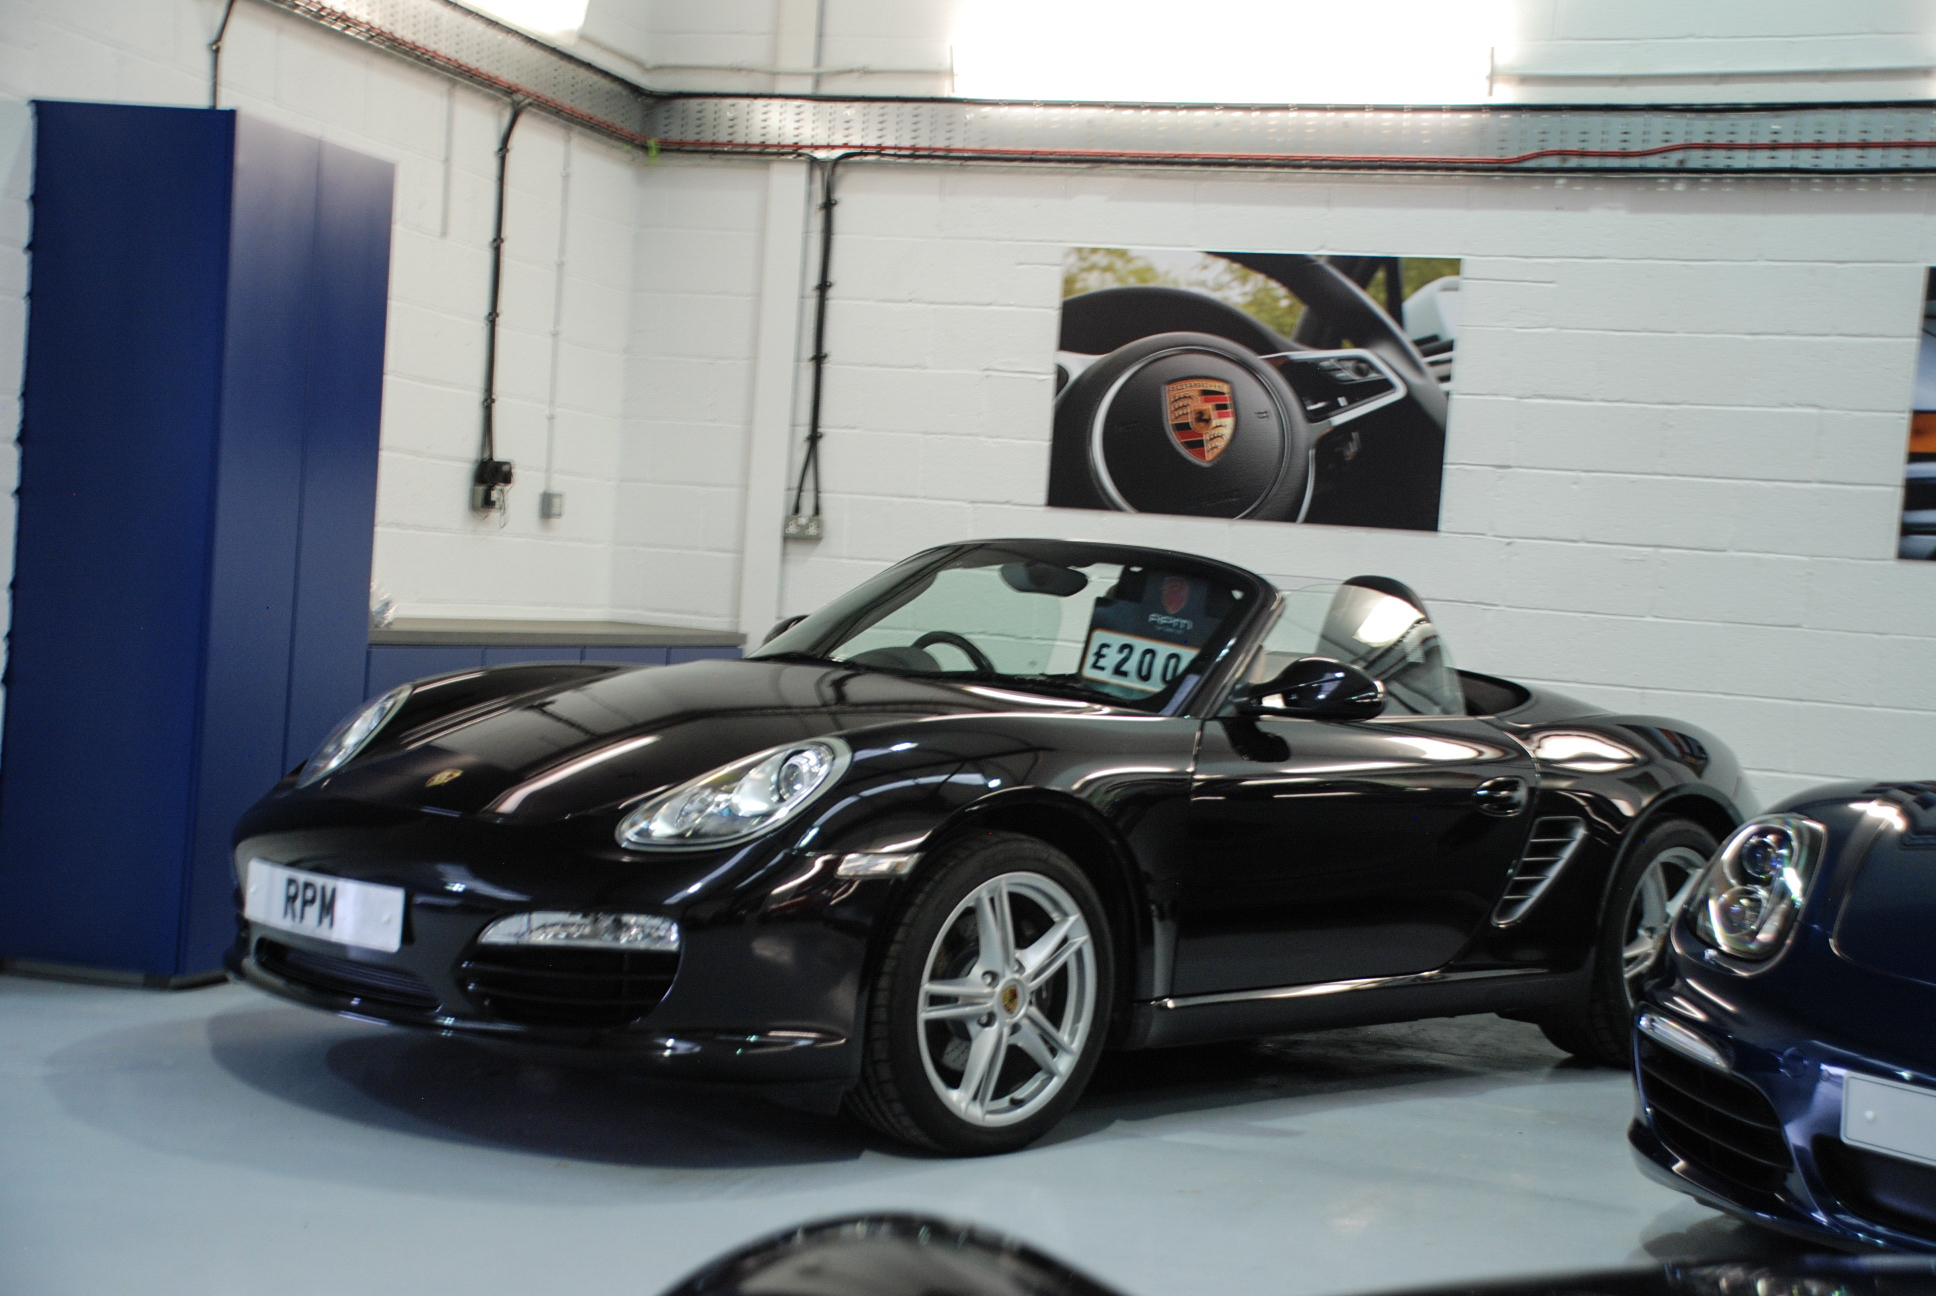 Porsche Dealer Harrogate